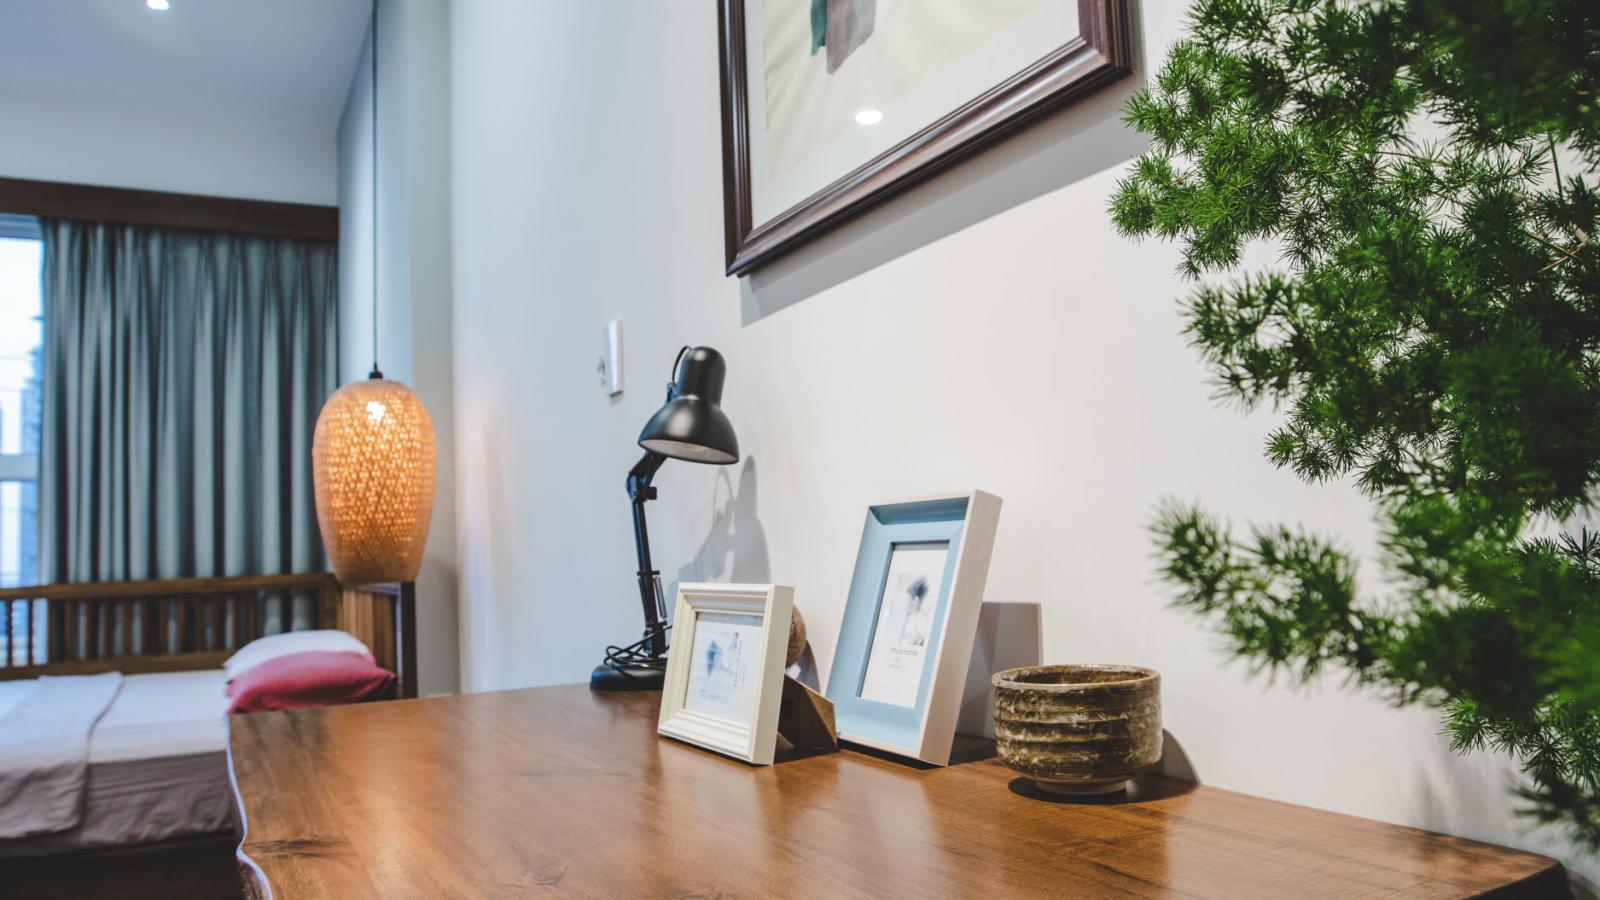 Bộ sưu tập đồ gốm trang trí nhà